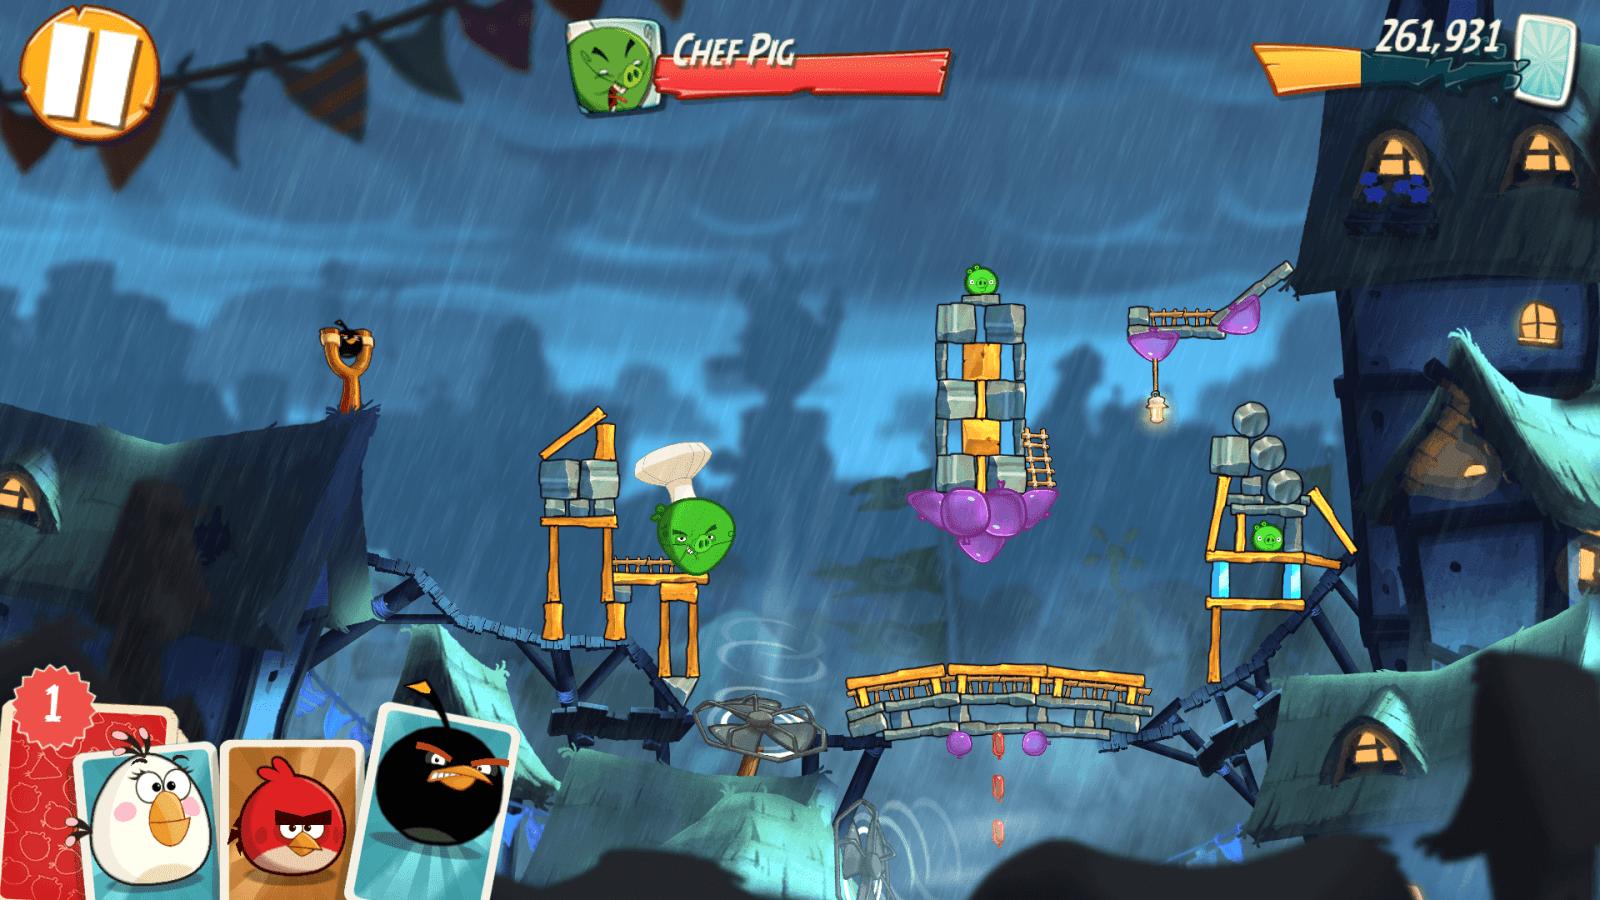 Screenshot 2015 08 24 02 57 56 - Прохождение боссов Angry Birds 2, часть 3